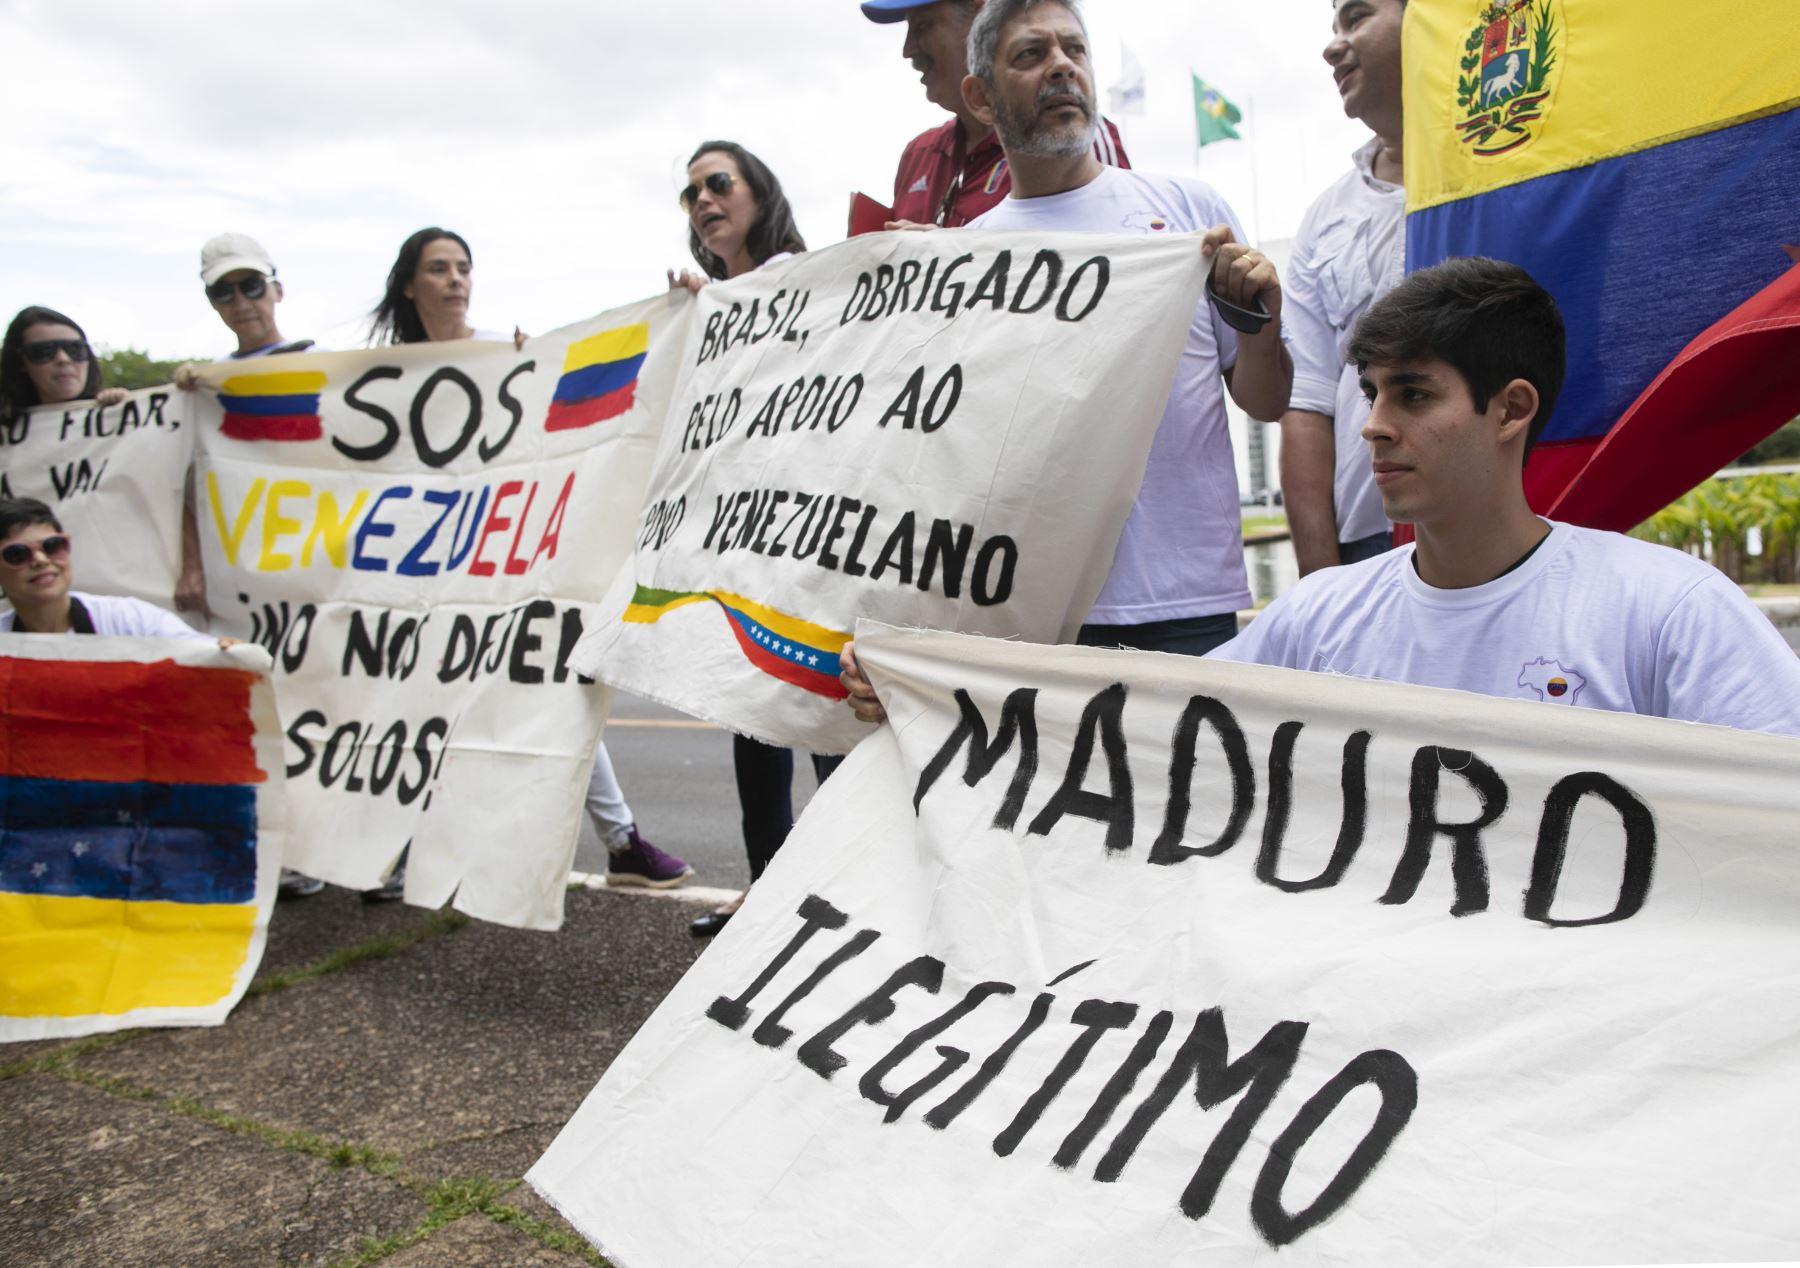 Los venezolanos que viven en Brasil participan en una protesta contra el presidente venezolano Nicolás Maduro, que está comenzando su segundo mandato, frente al Palacio Itamaraty en Brasilia, Brasil. AFP